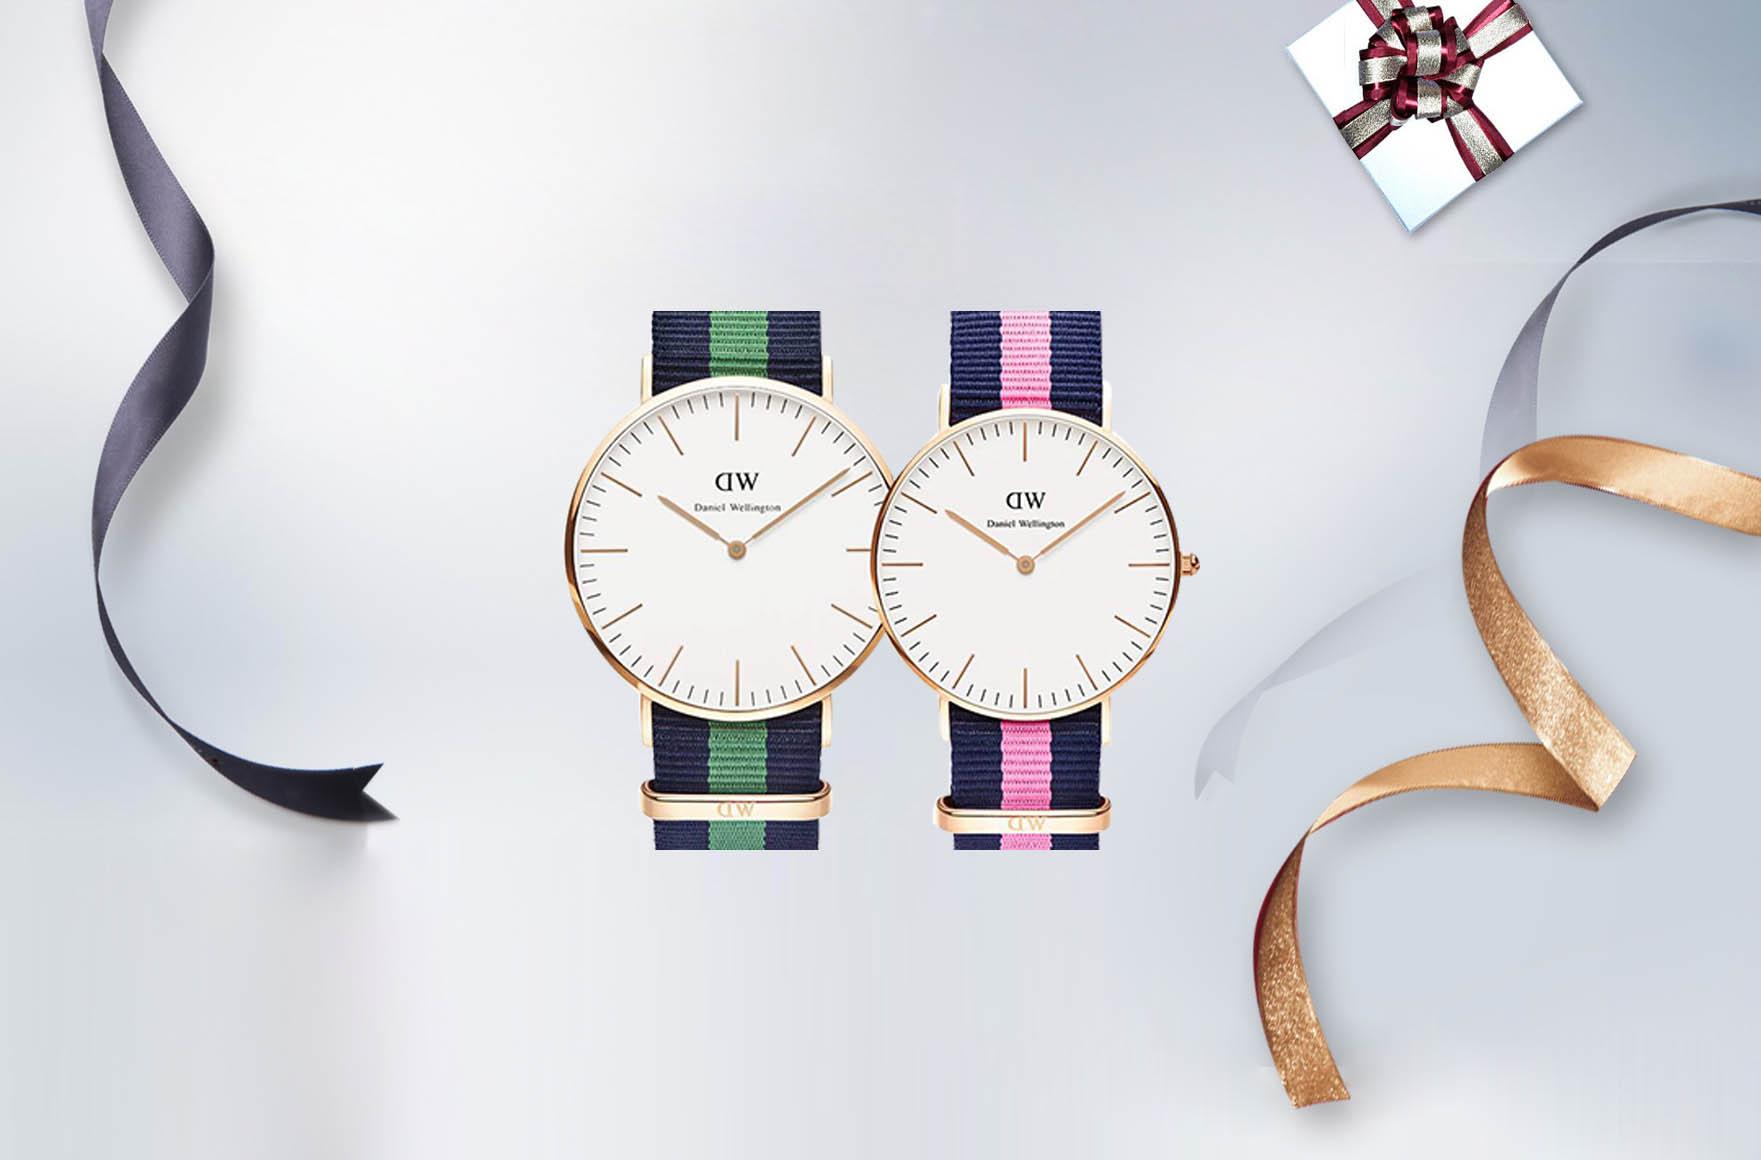 30b476a3d1a0 10 must-have Daniel Wellington watches for 2019 - Paris Louvre Duty ...